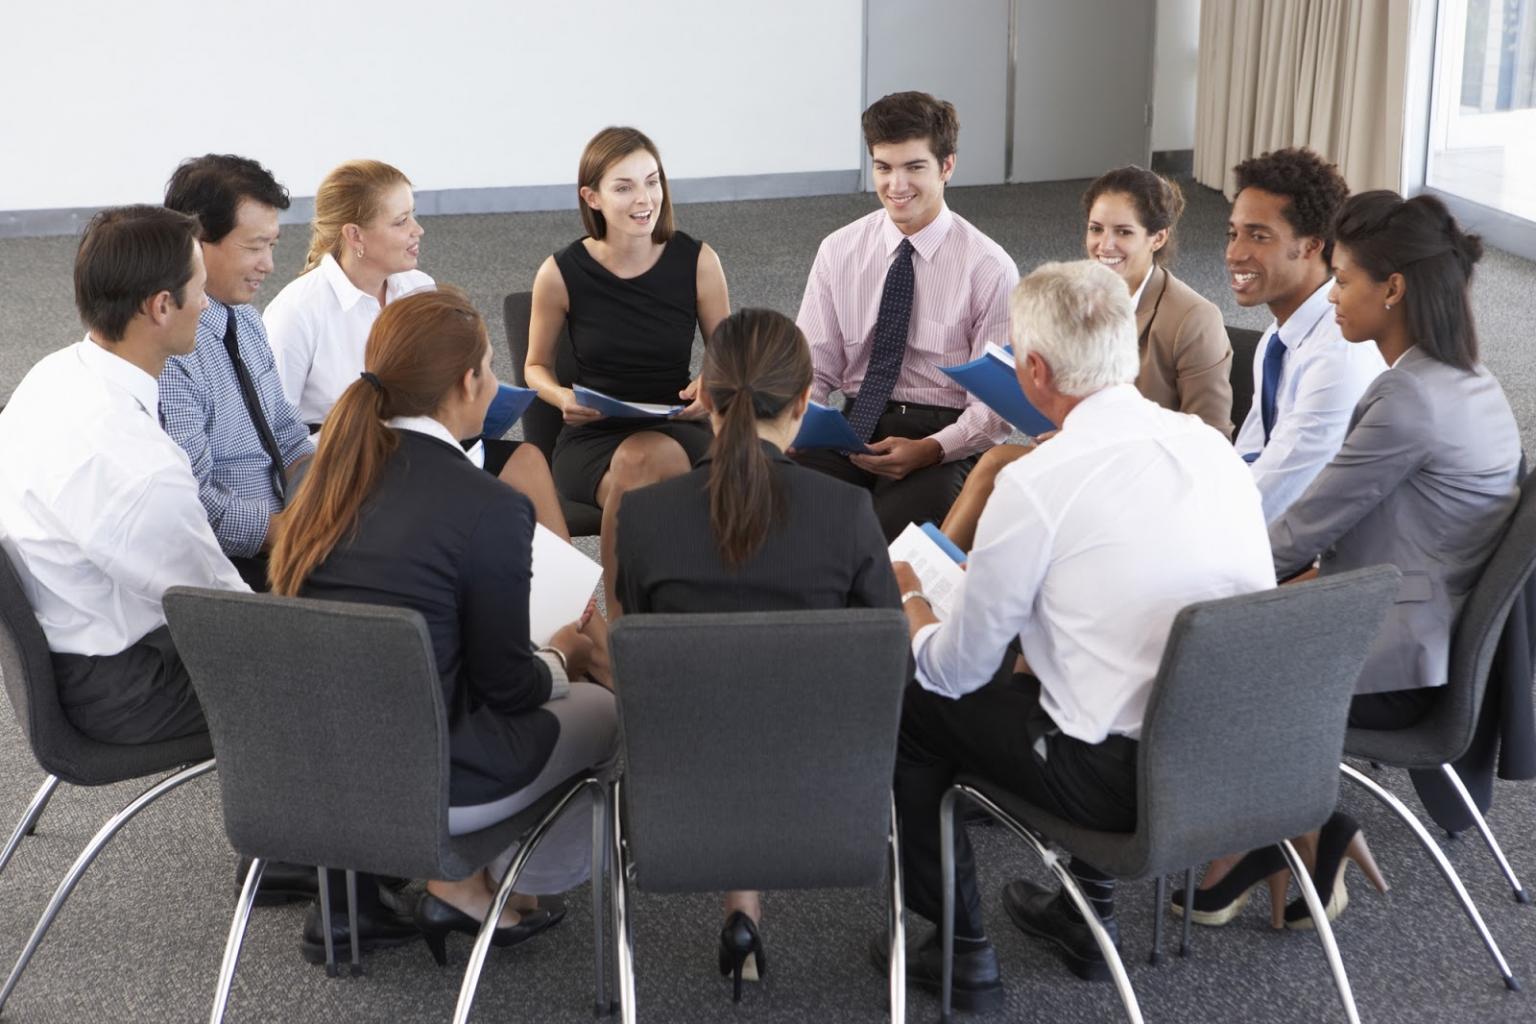 Beim Teambuilding ist die Zusammenstellung der richtigen Persönlichkeiten wichtig